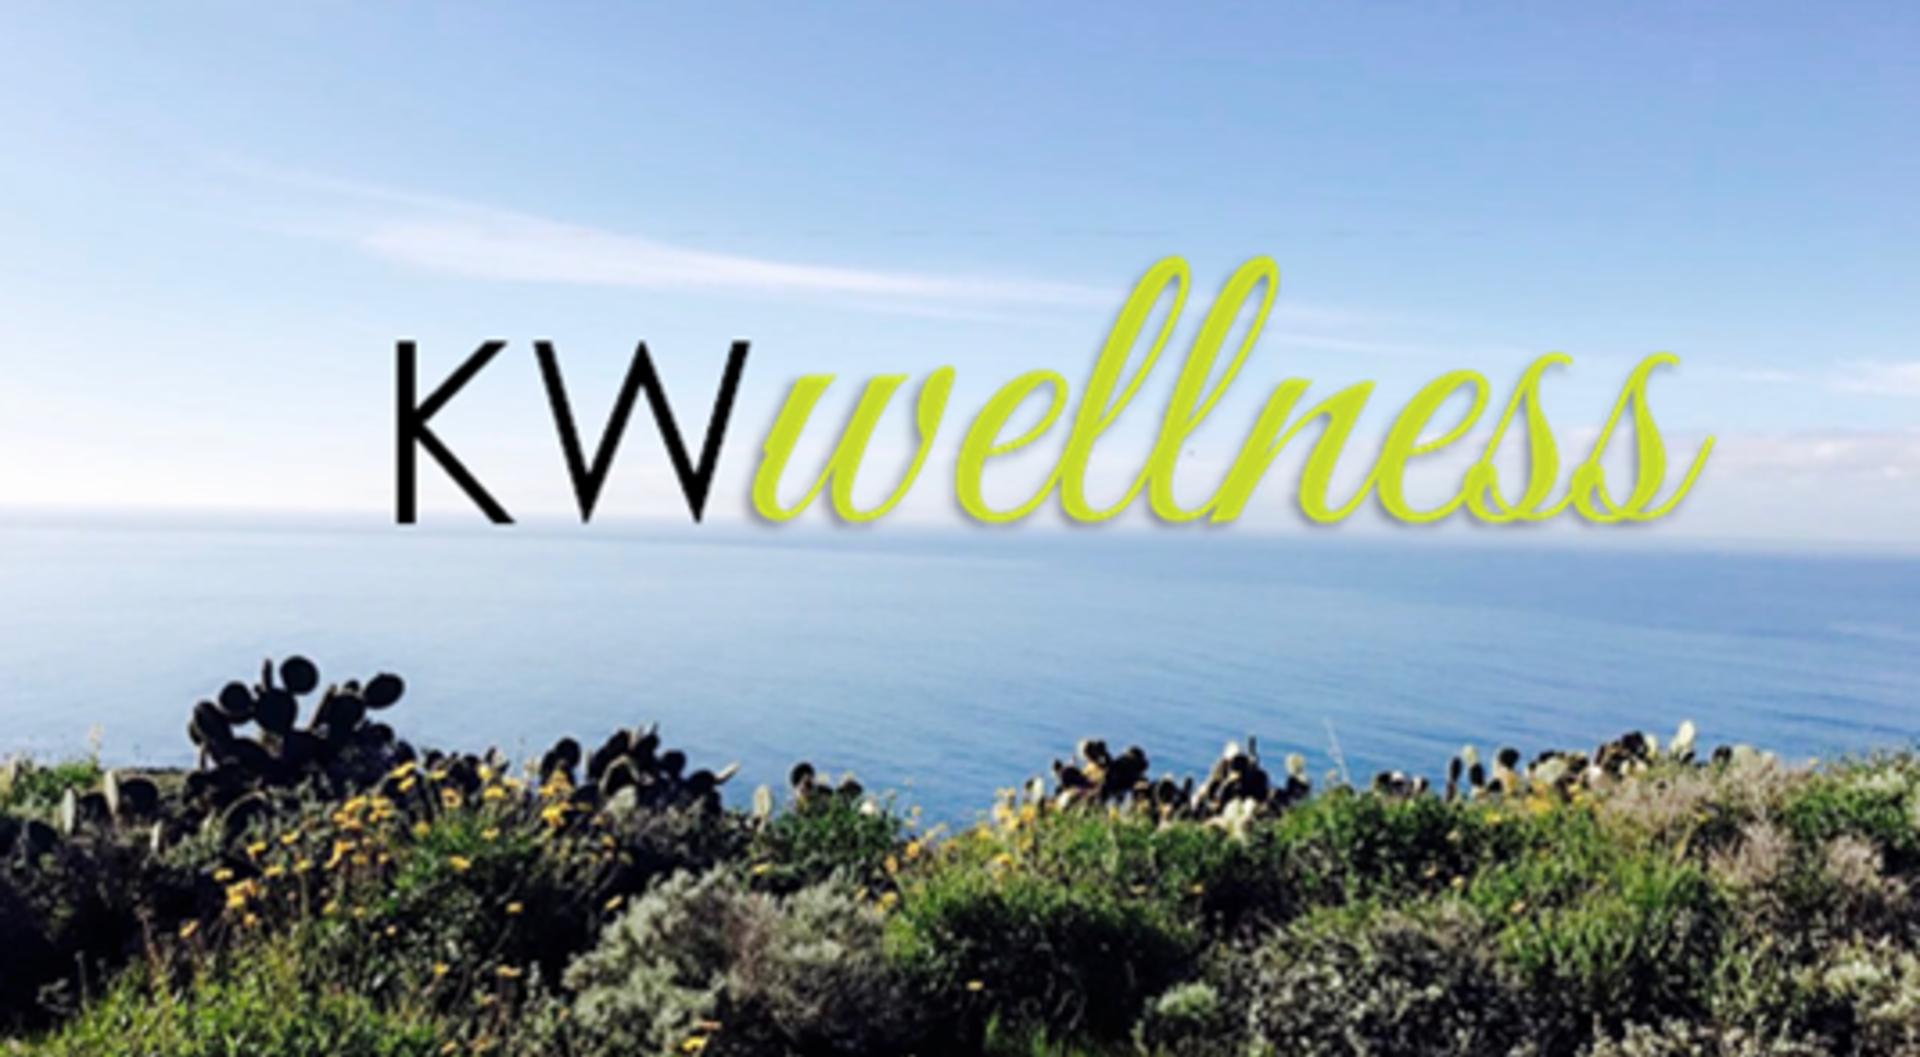 KW Wellness: Hike and Brunch Meetup Recap!